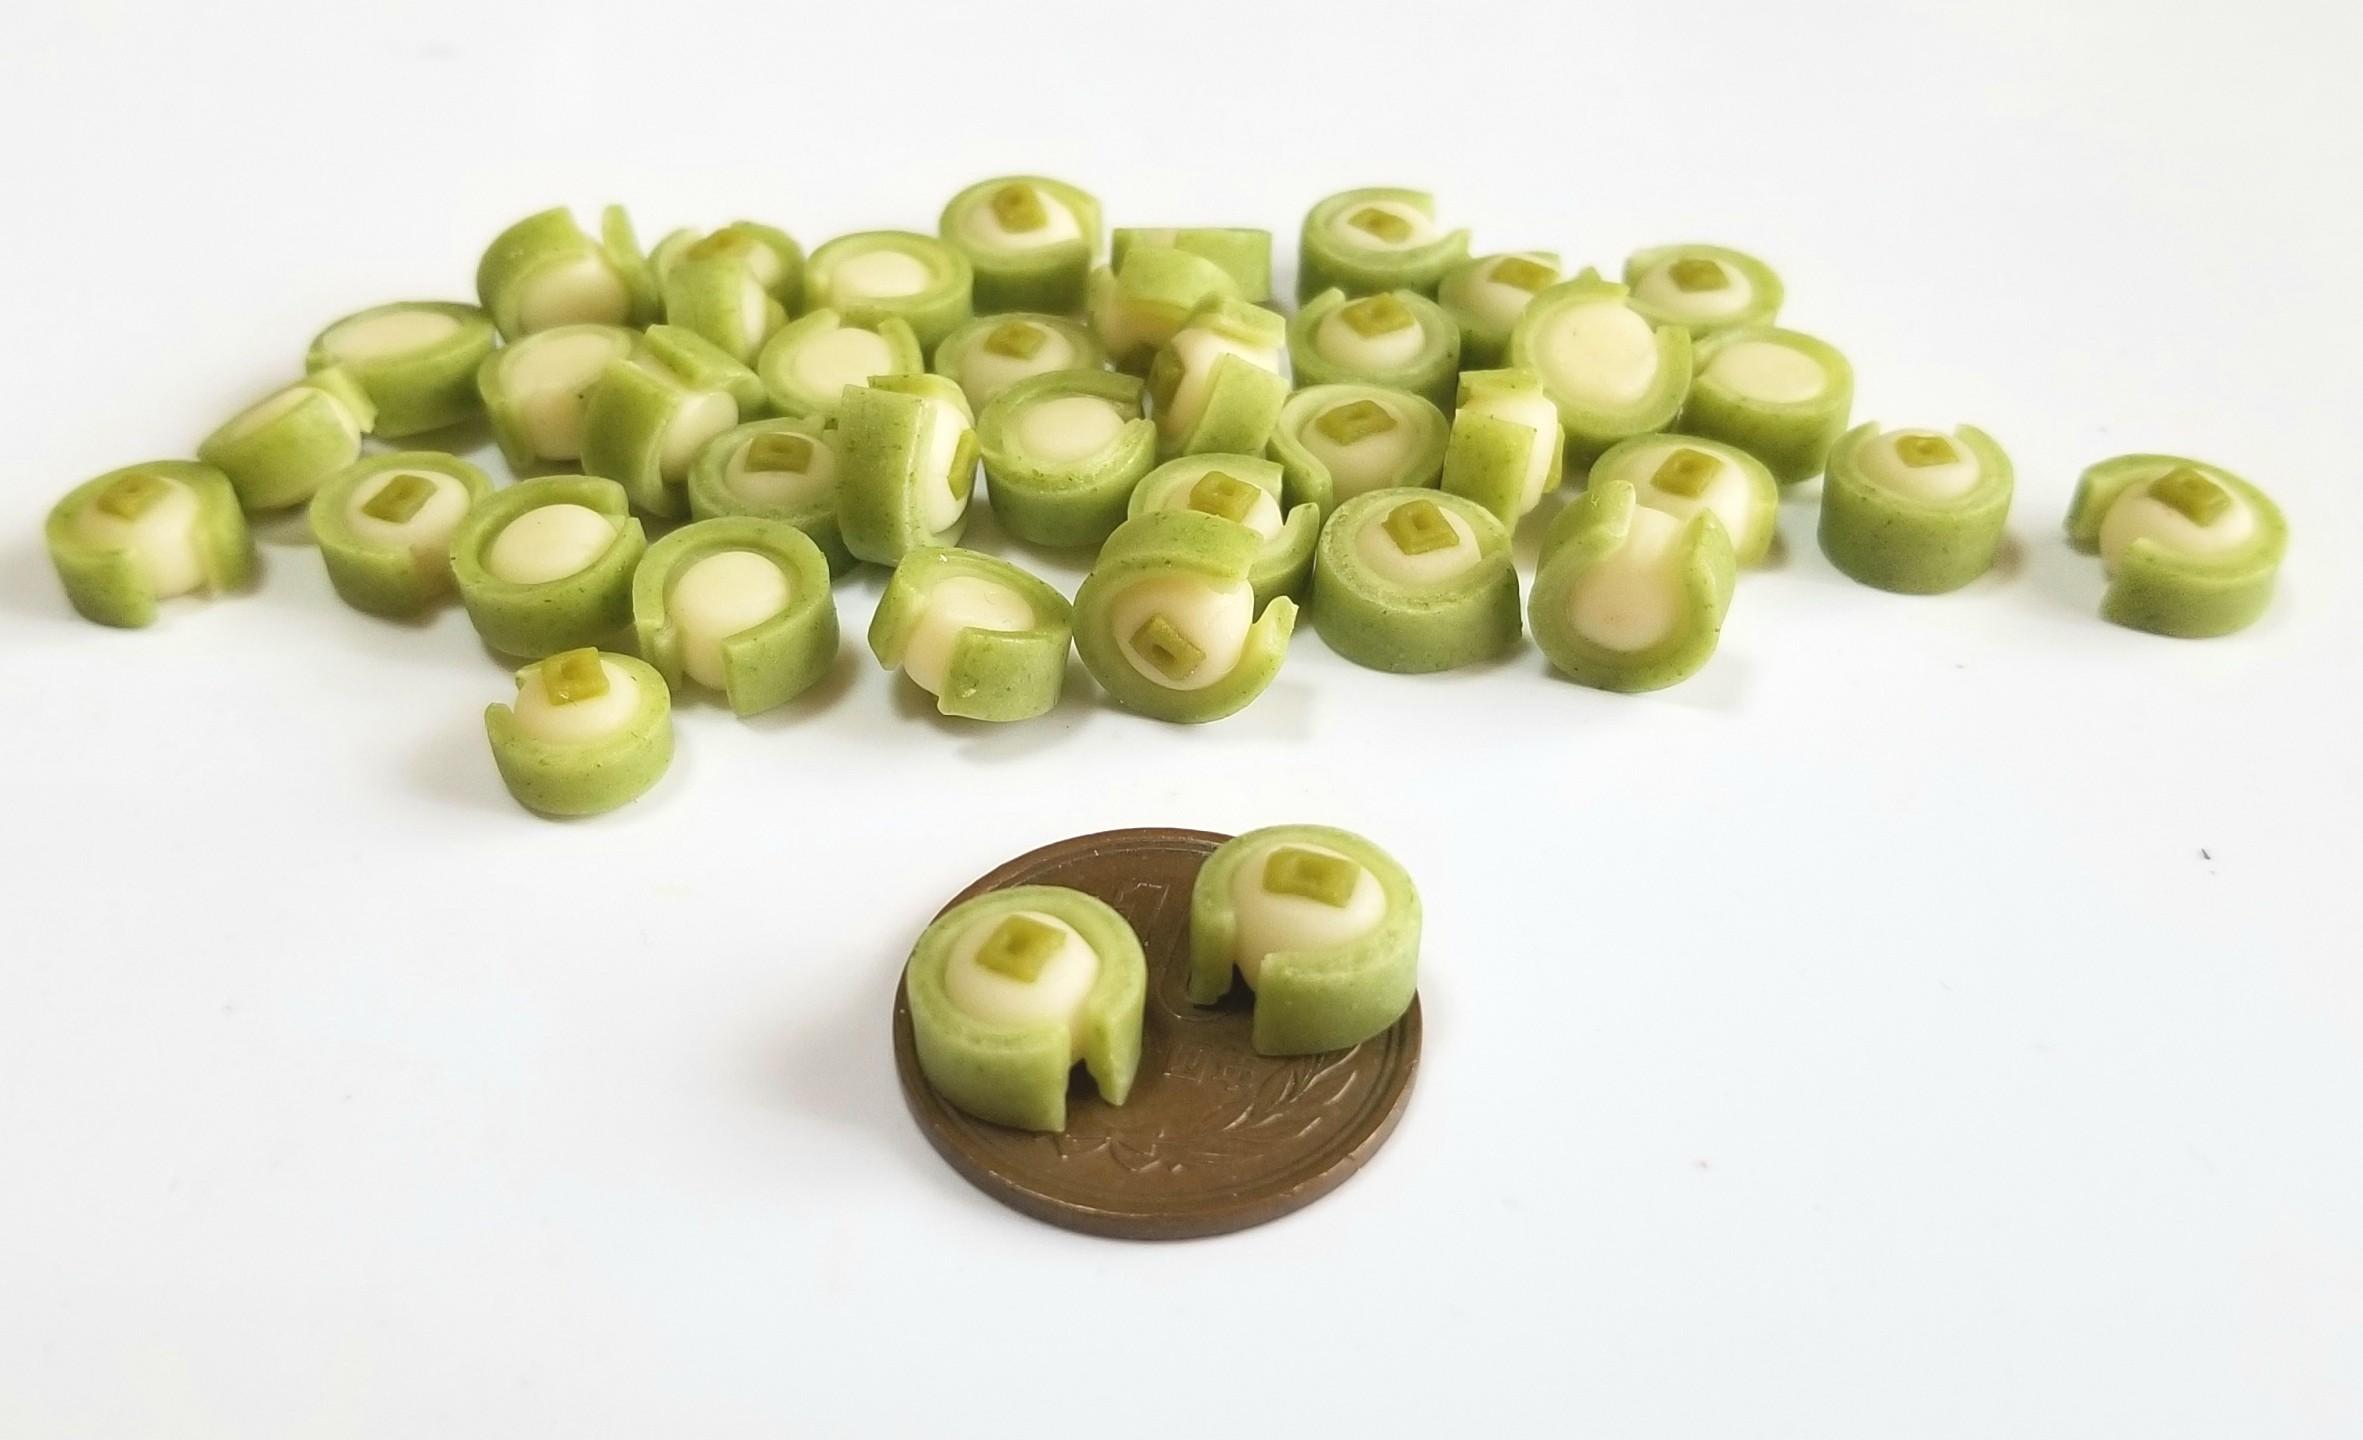 ミニチュアフード,京都の和菓子,樹脂粘土,食品サンプル,オビツ11